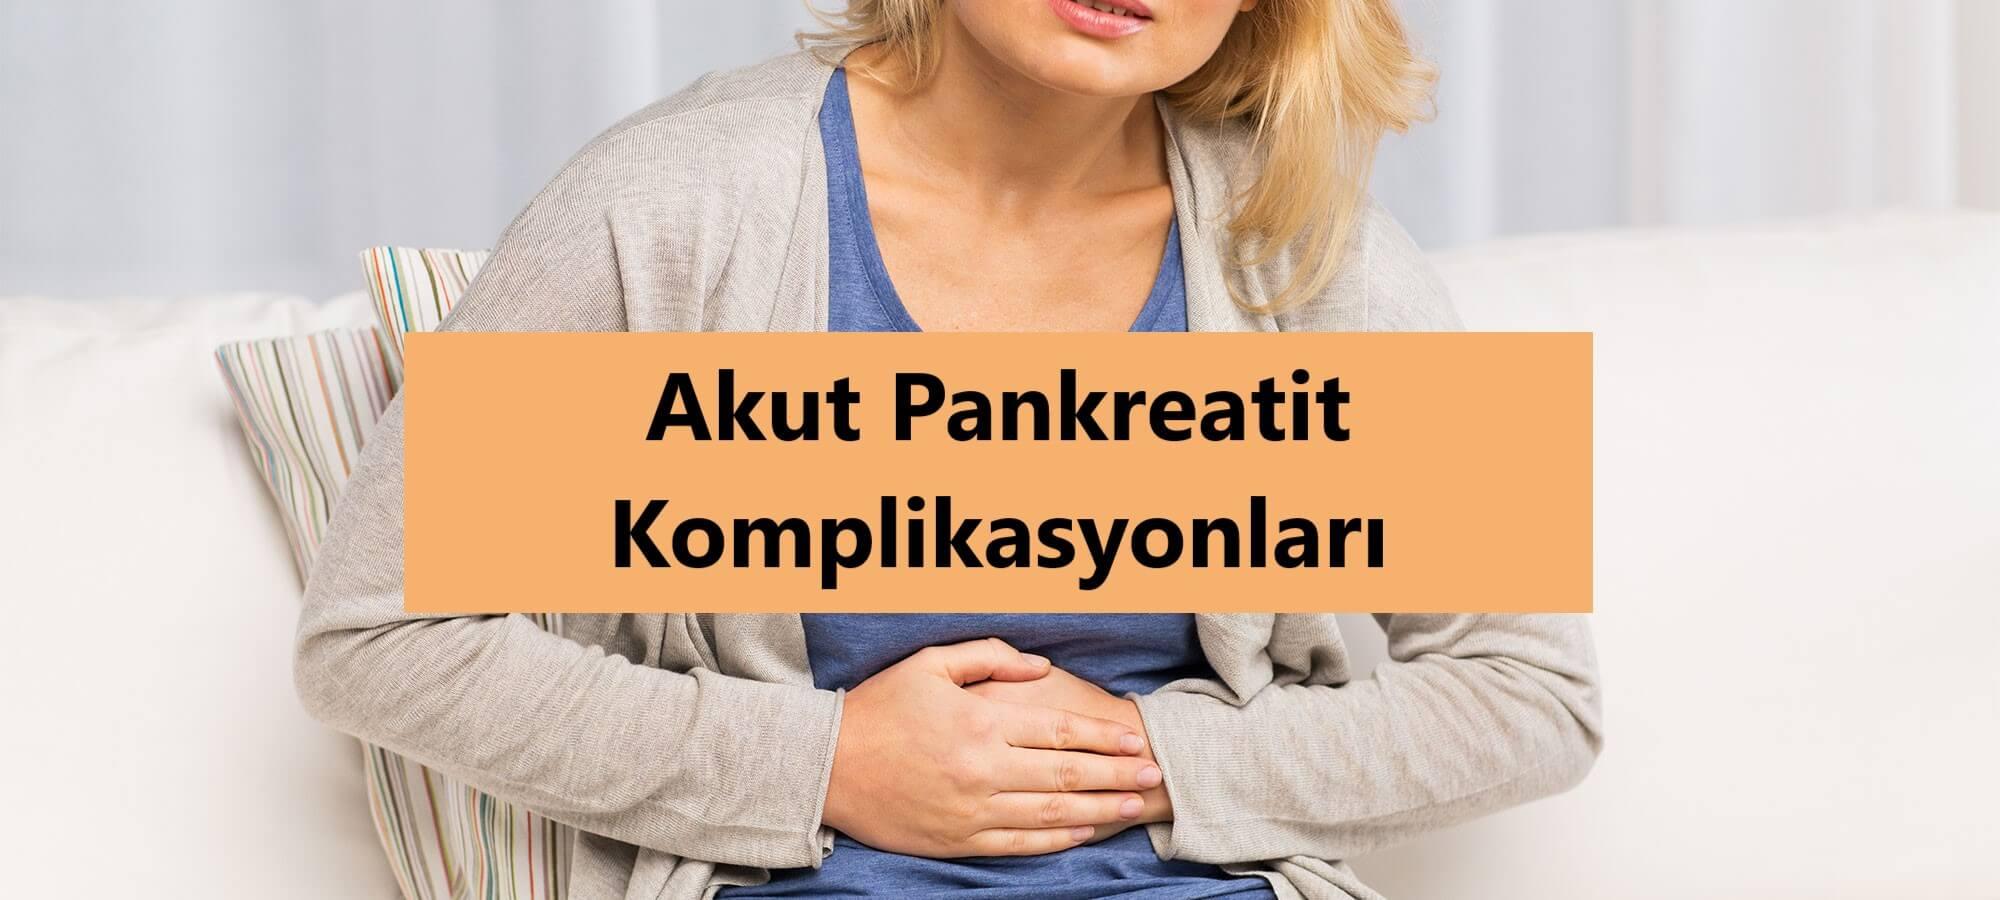 Akut Pankreatit Komplikasyonları